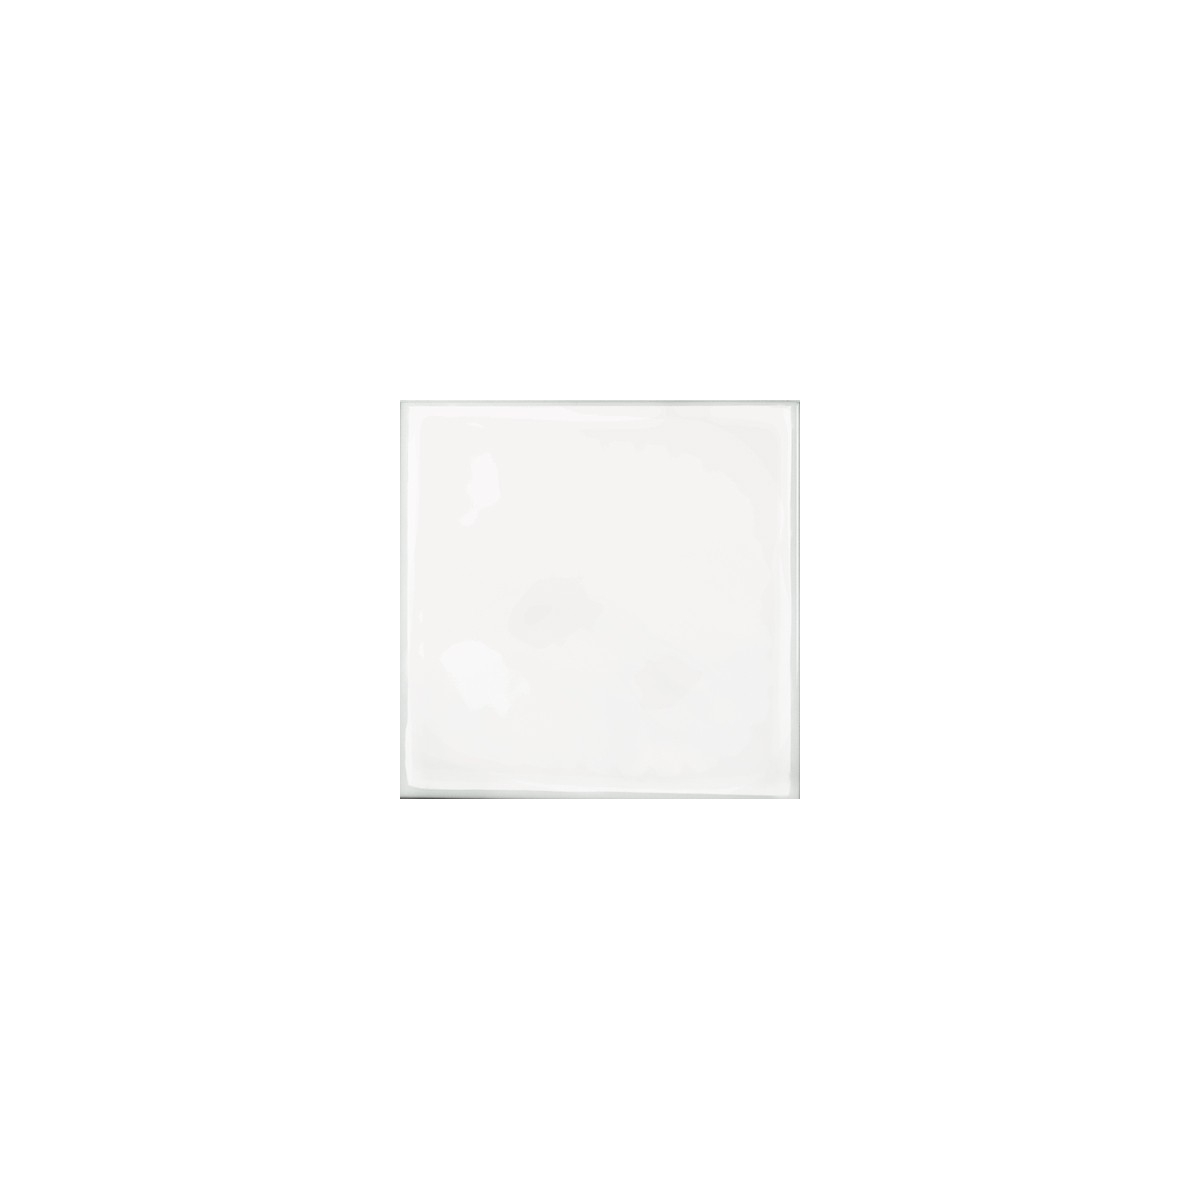 Blanco Brillo - Serie Ibiza - Marca Mainzu